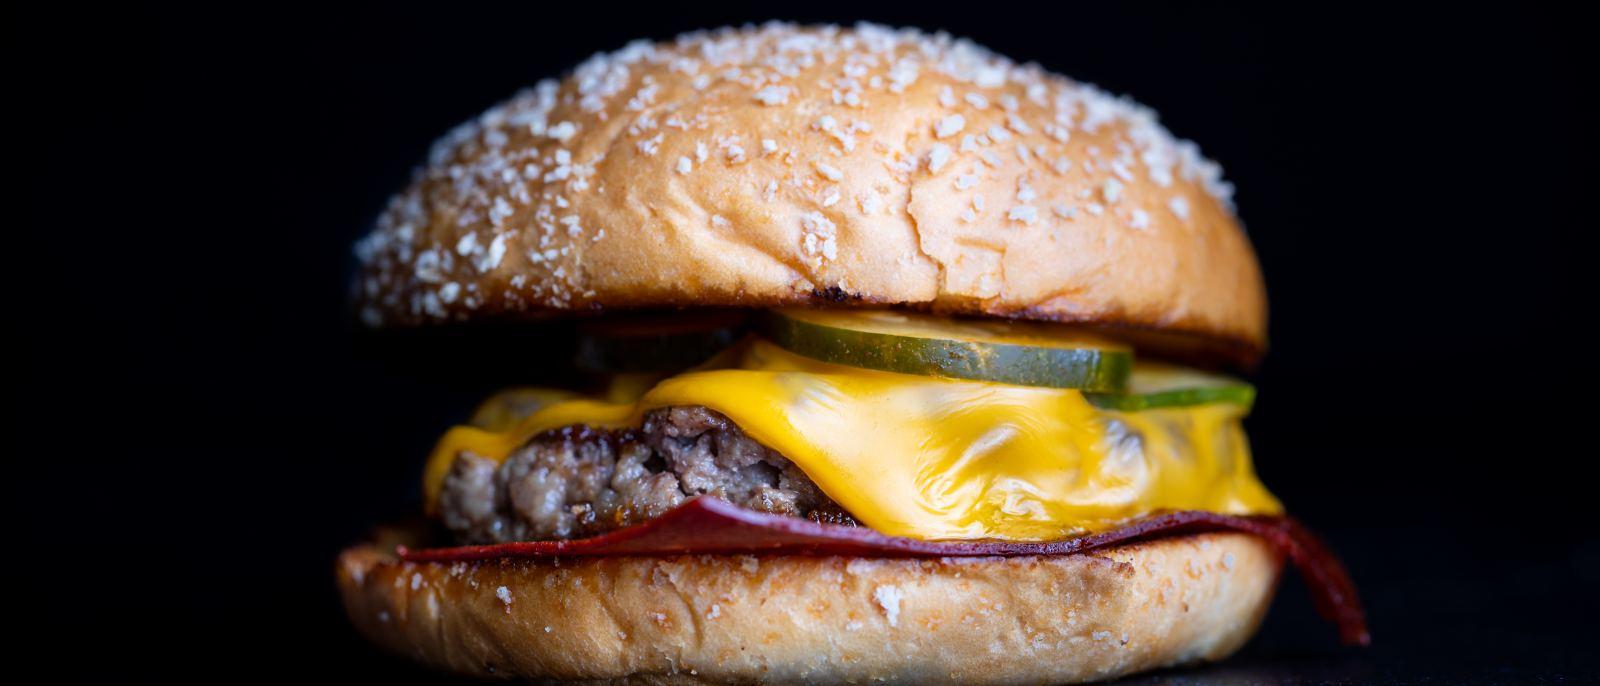 PCB (Plan Check Burger) at Plan Check Kitchen + Bar